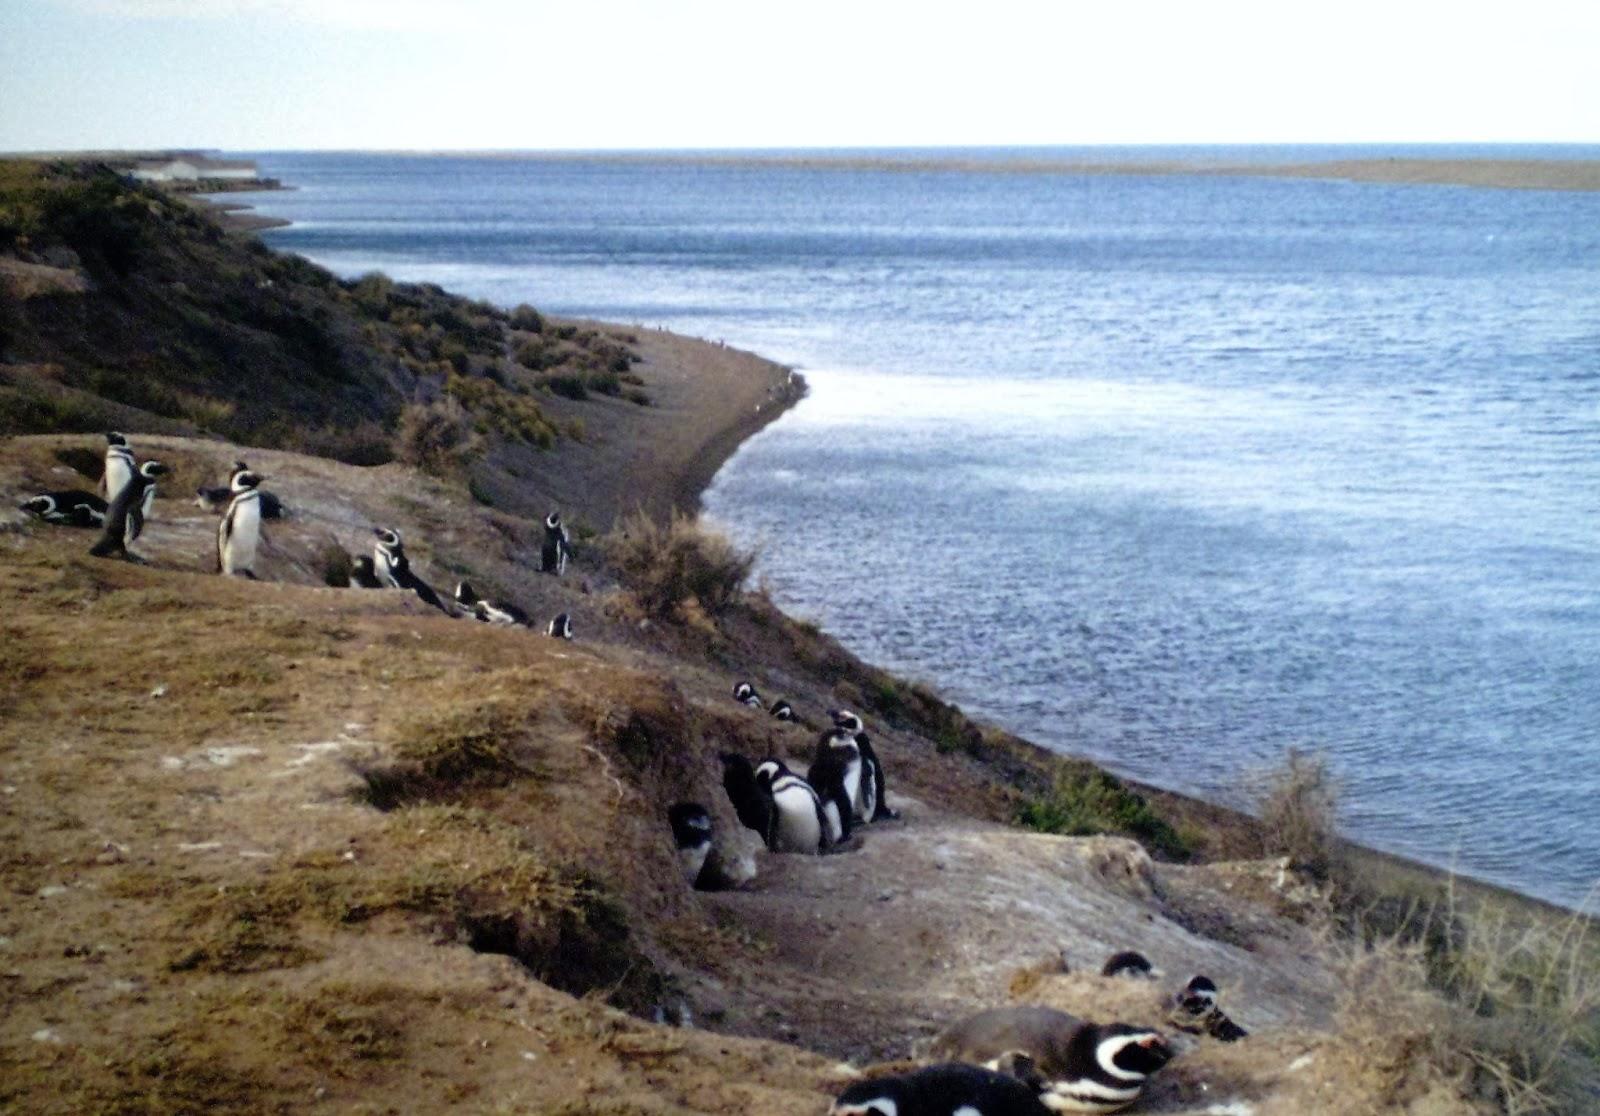 orcas christian dating site Meetups in anacortes northwest singles club - 40+ we're 69 members bellingham data orcas vegan meetup we're 42.